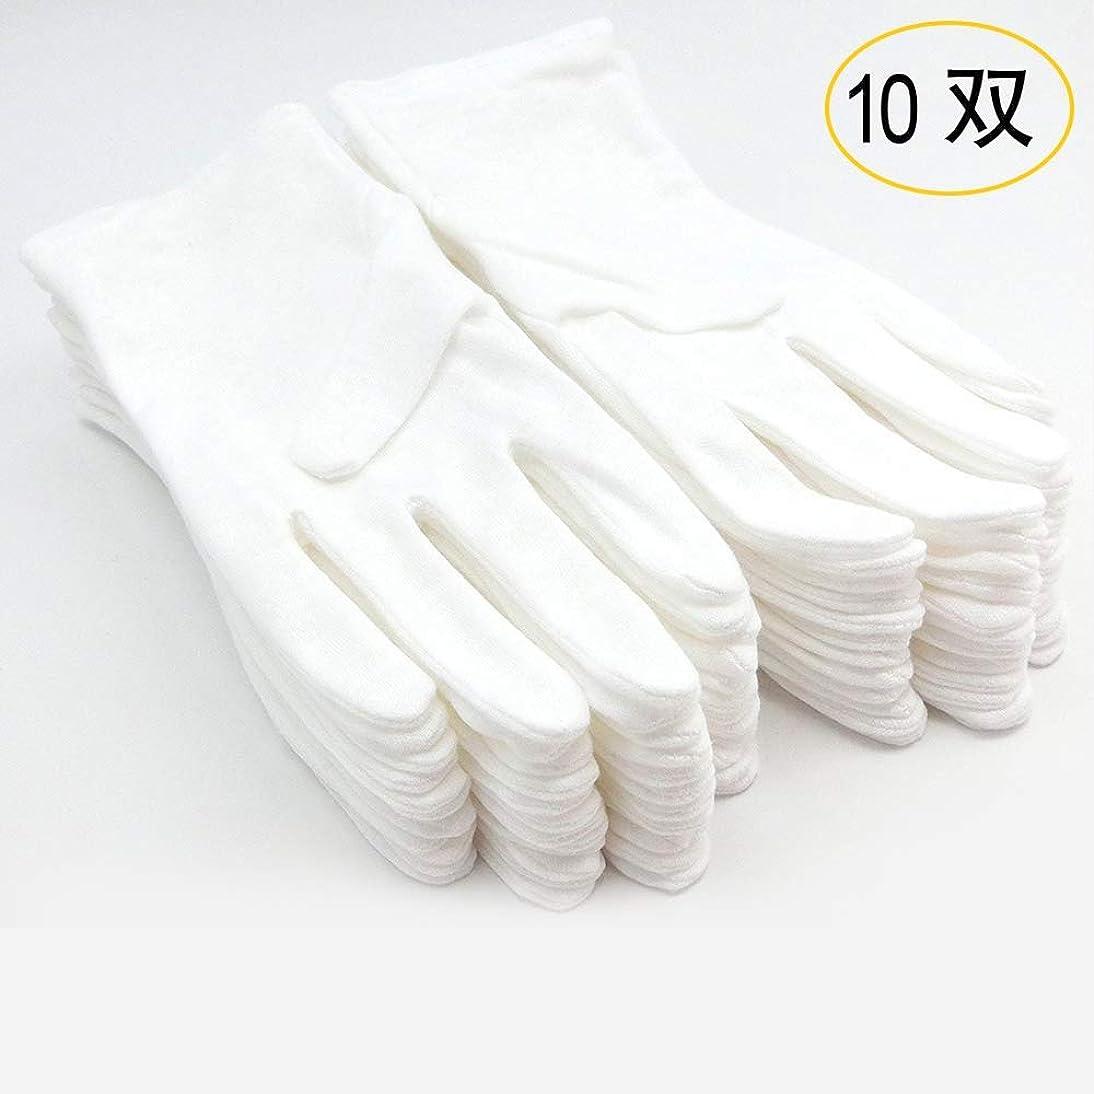 浅い予測子再編成する綿手袋 純綿100% 通気性 コットン手袋 10双組